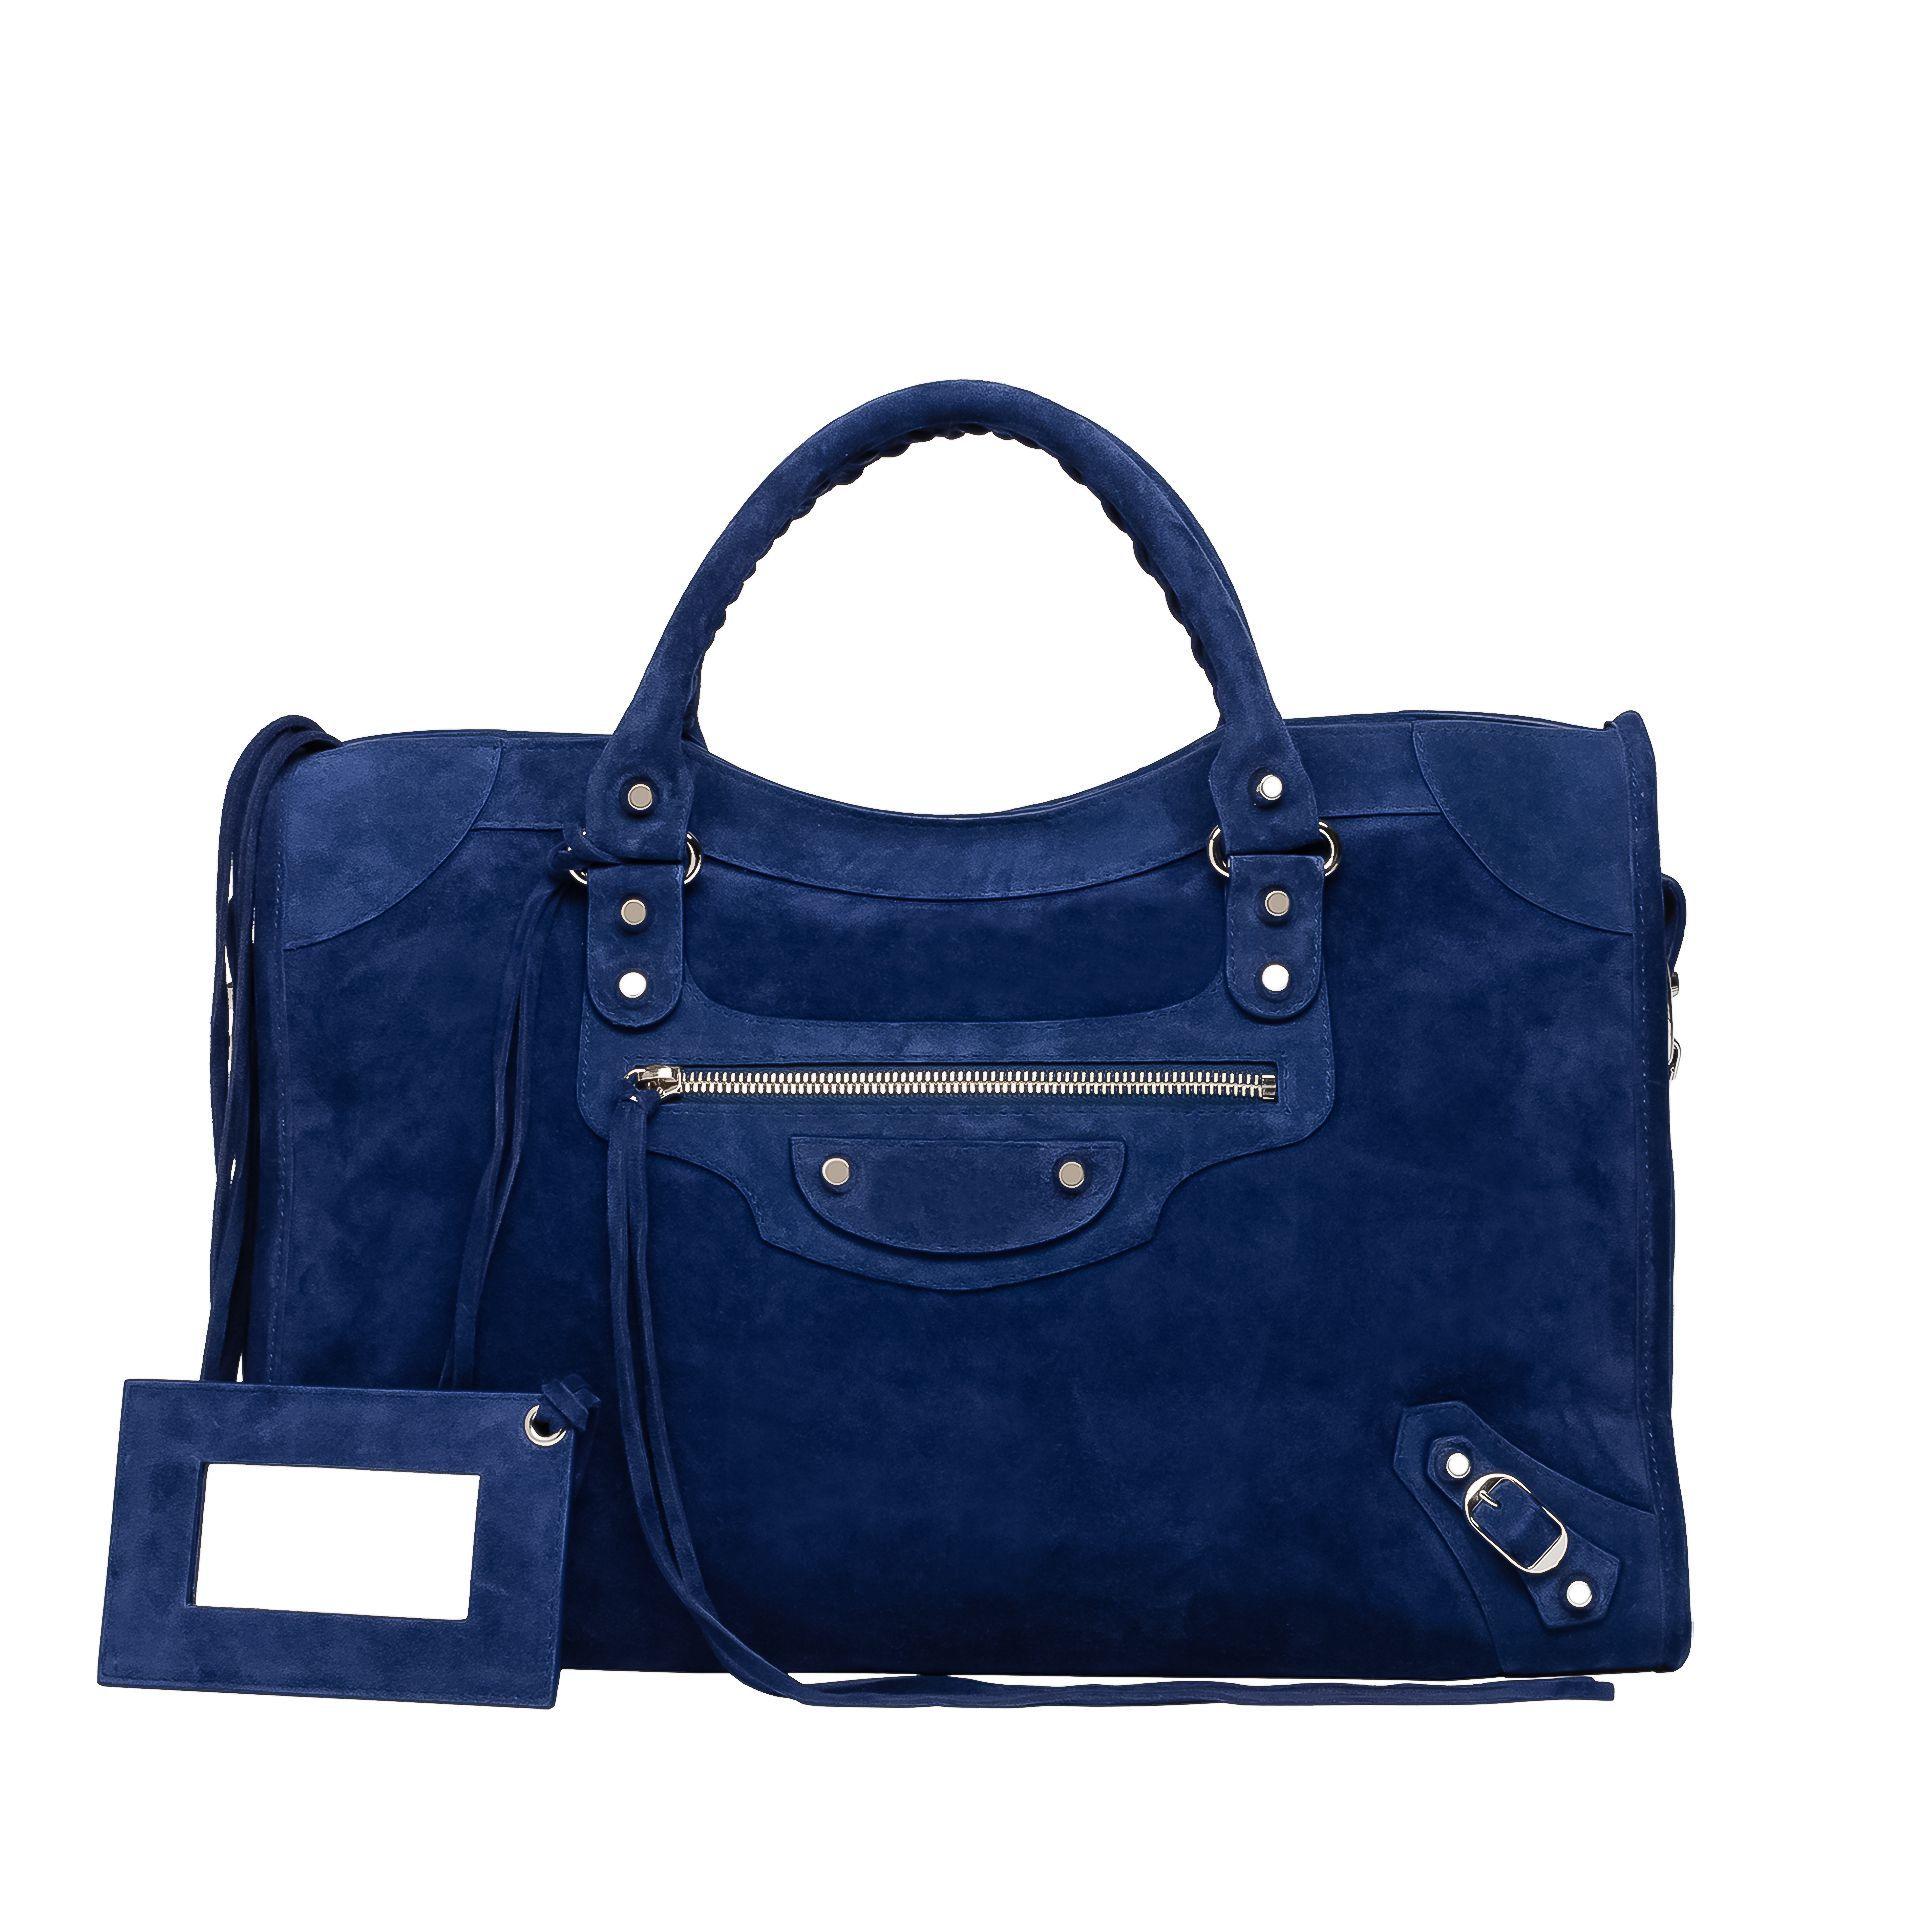 Balenciaga HumanitéInspirations BagsEt Pour Bleu Balenciaga y08nwvmNO